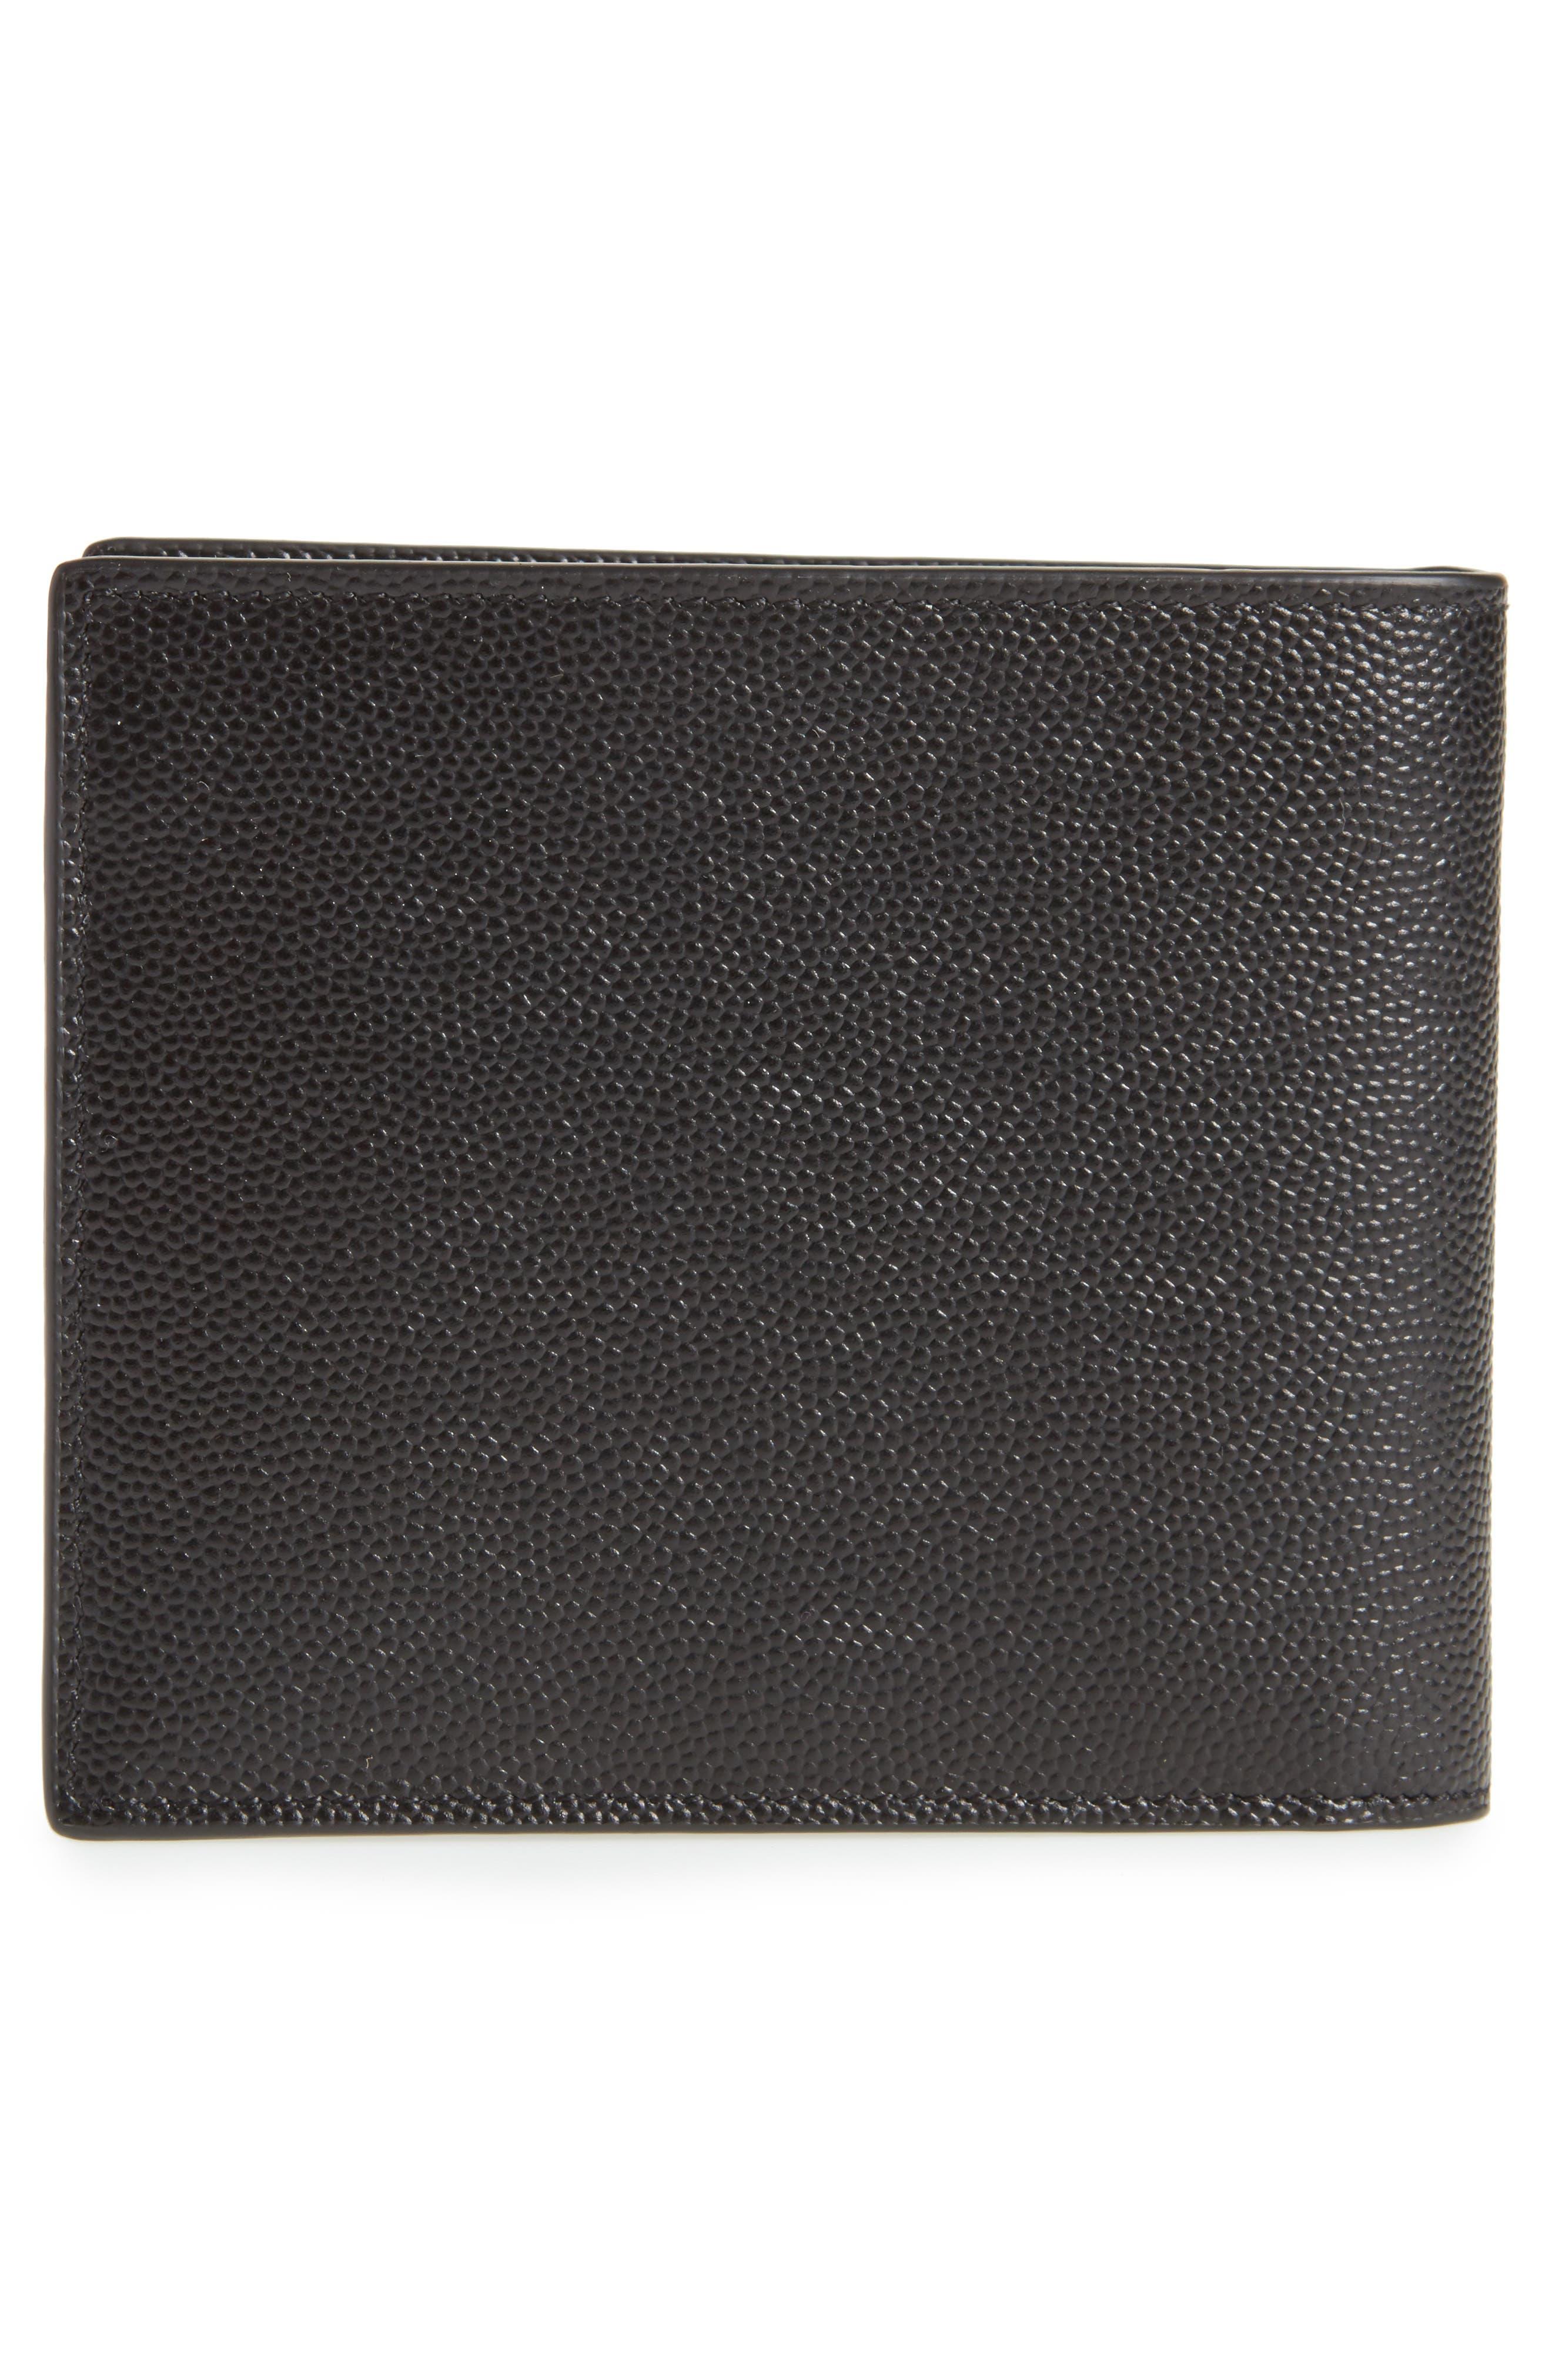 Alternate Image 3  - Saint Laurent Pebble Grain Leather Wallet